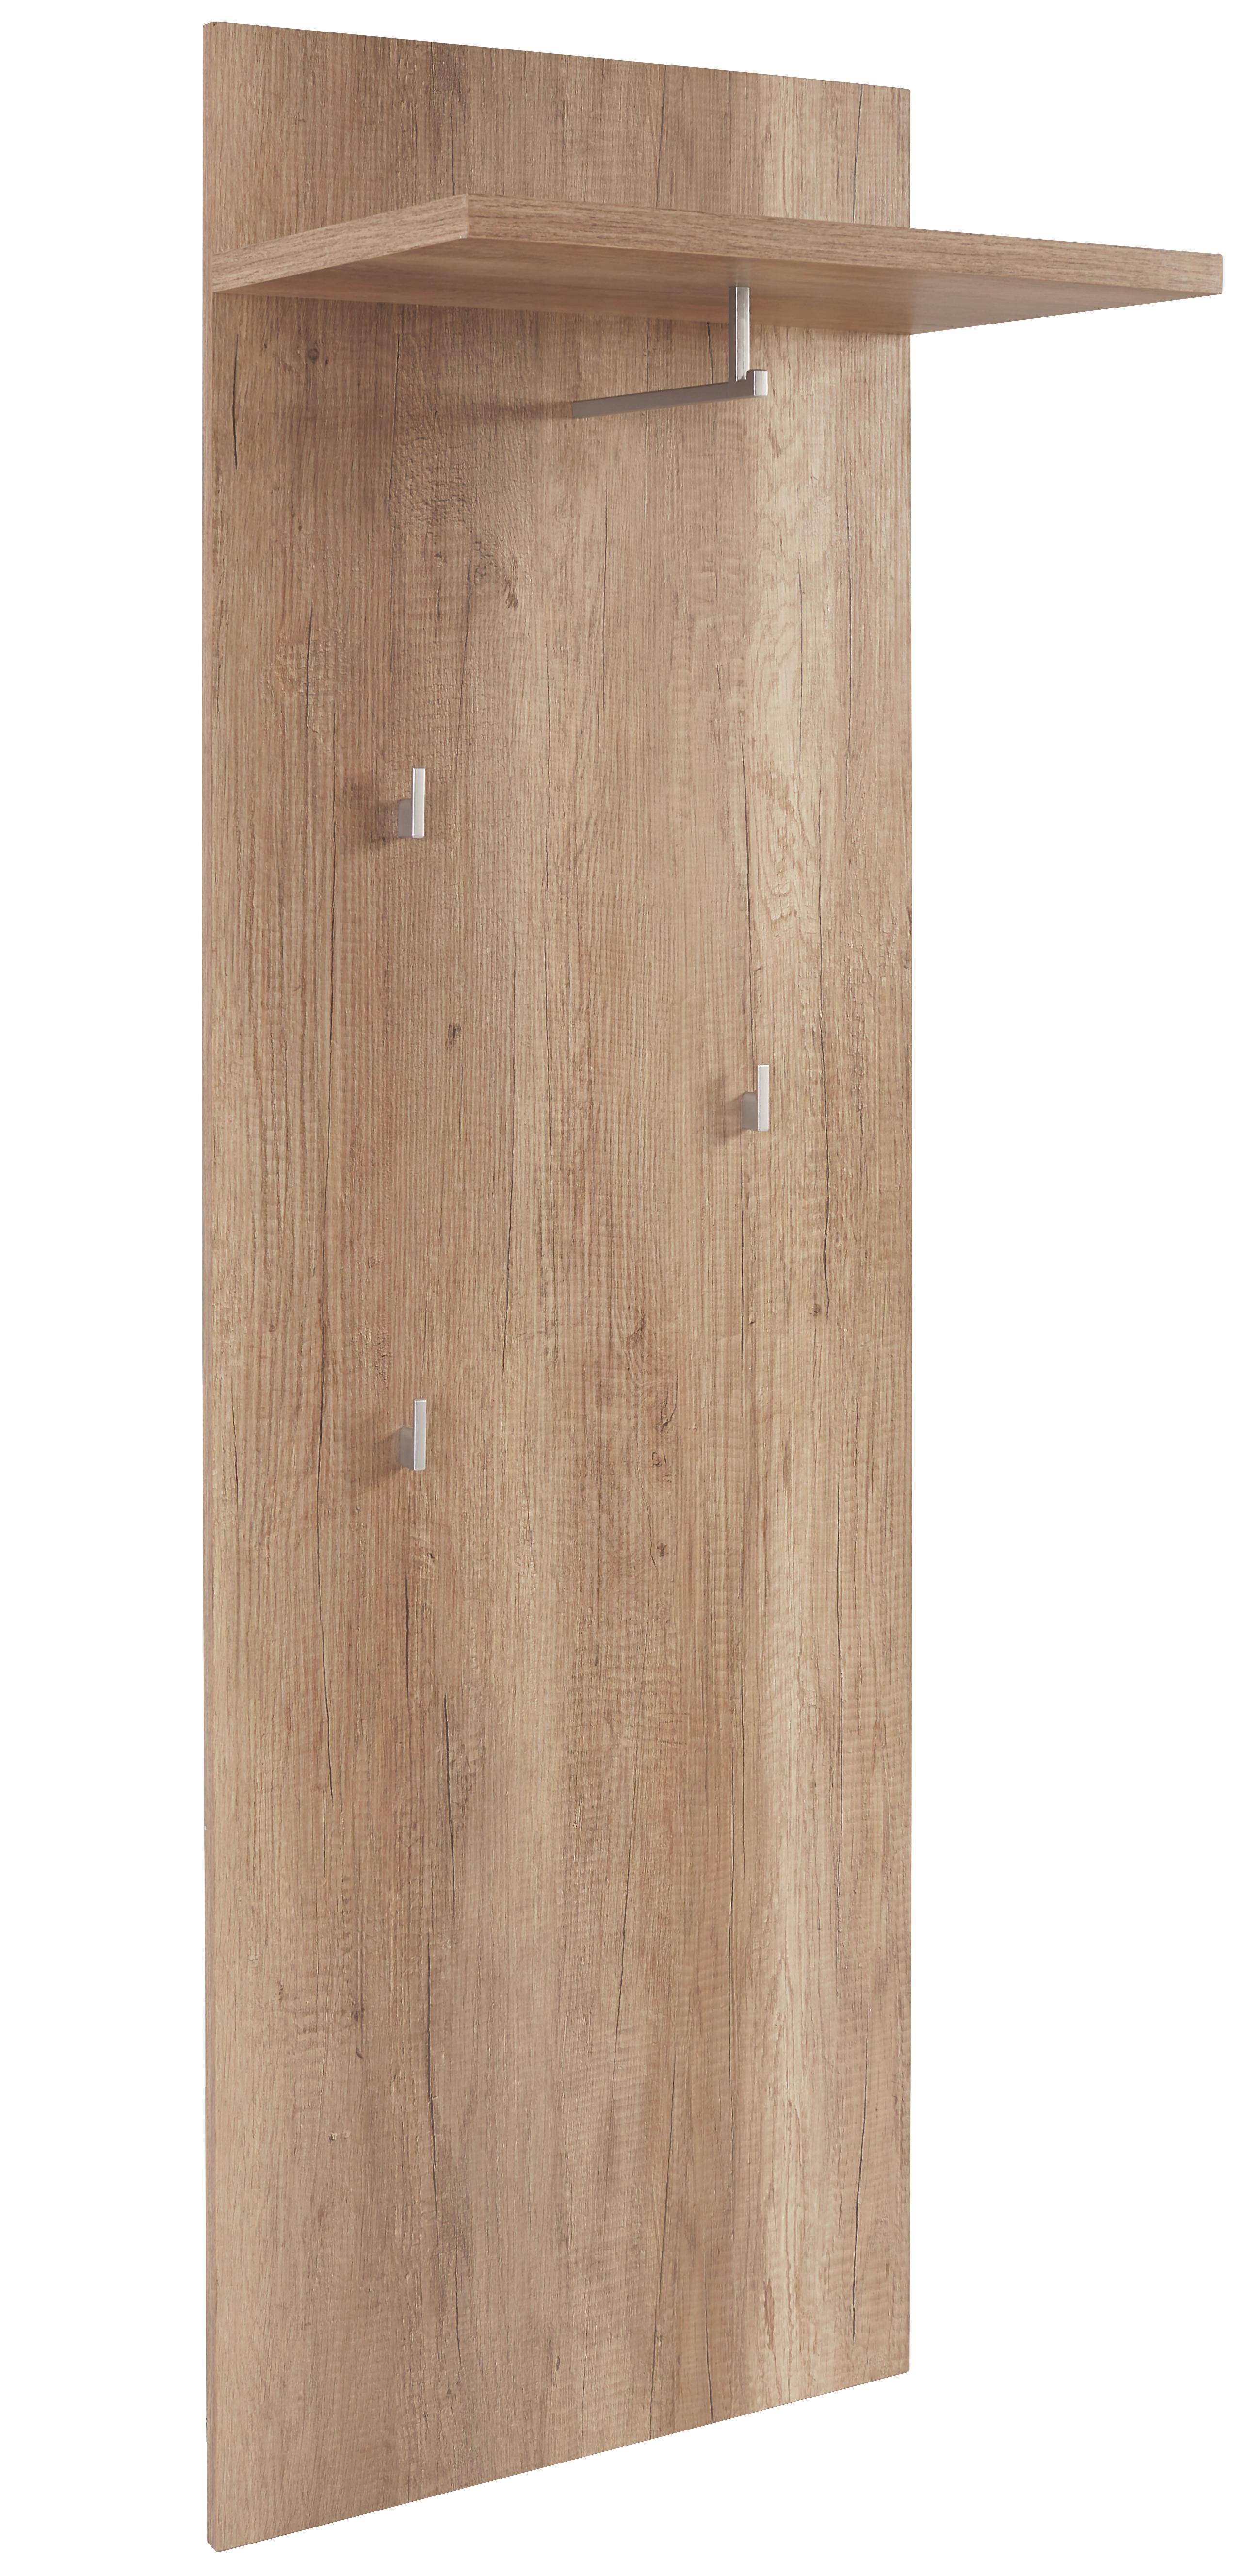 Előszoba Panel Space - tölgy színű, modern (55/160/35cm)